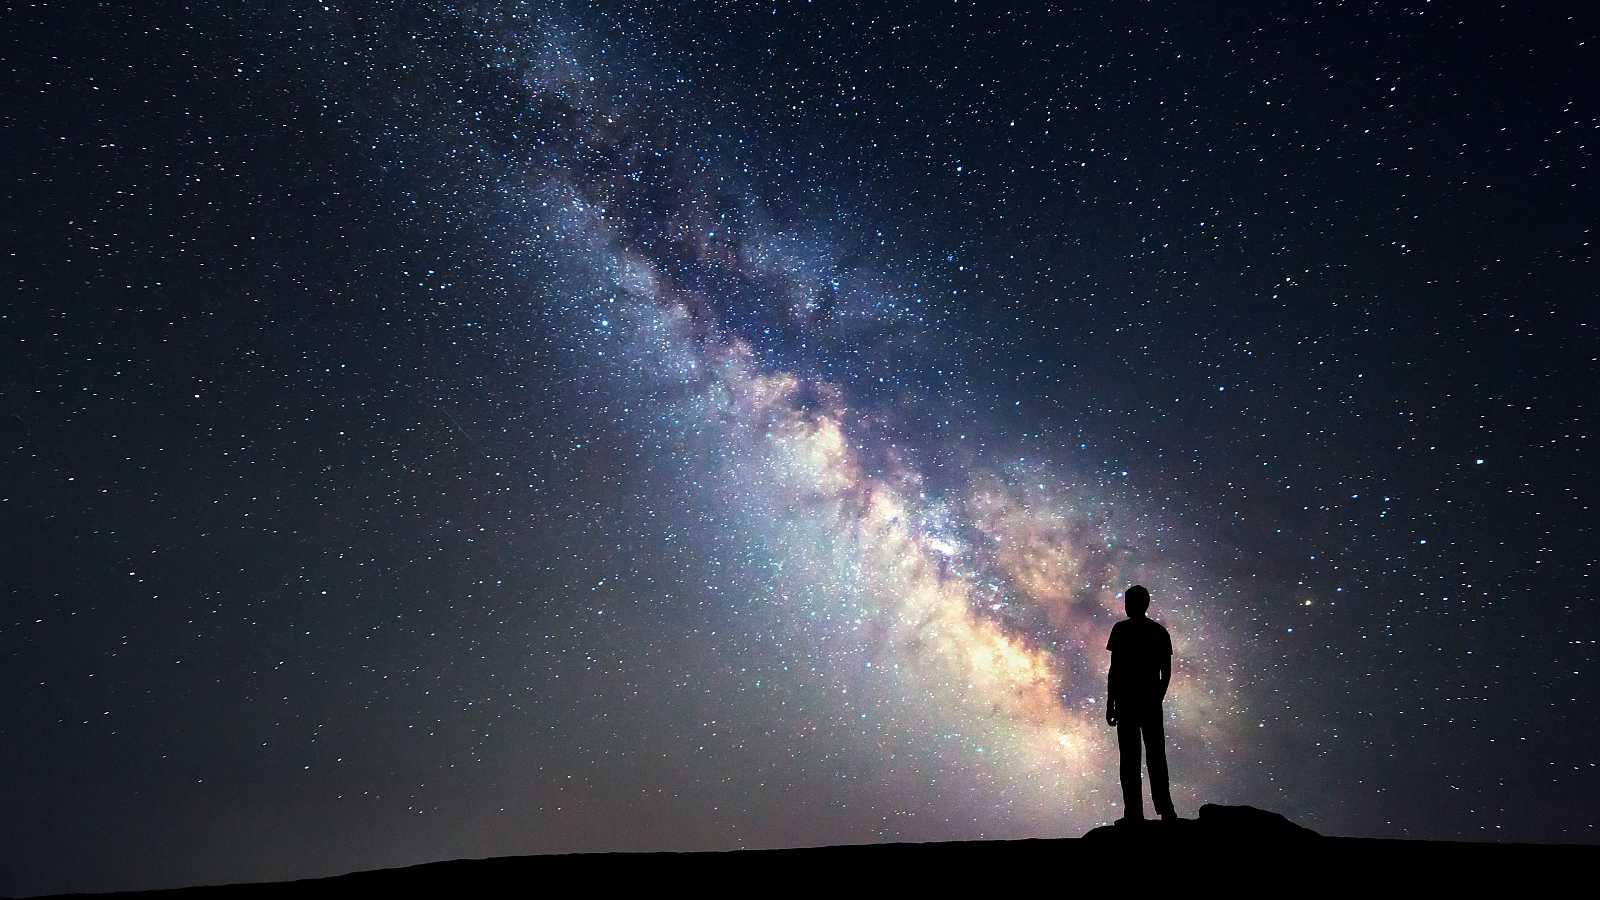 La conocida editorial de viajes publica por primera vez un libro que abandona la Tierra para adentrarse en el cosmos